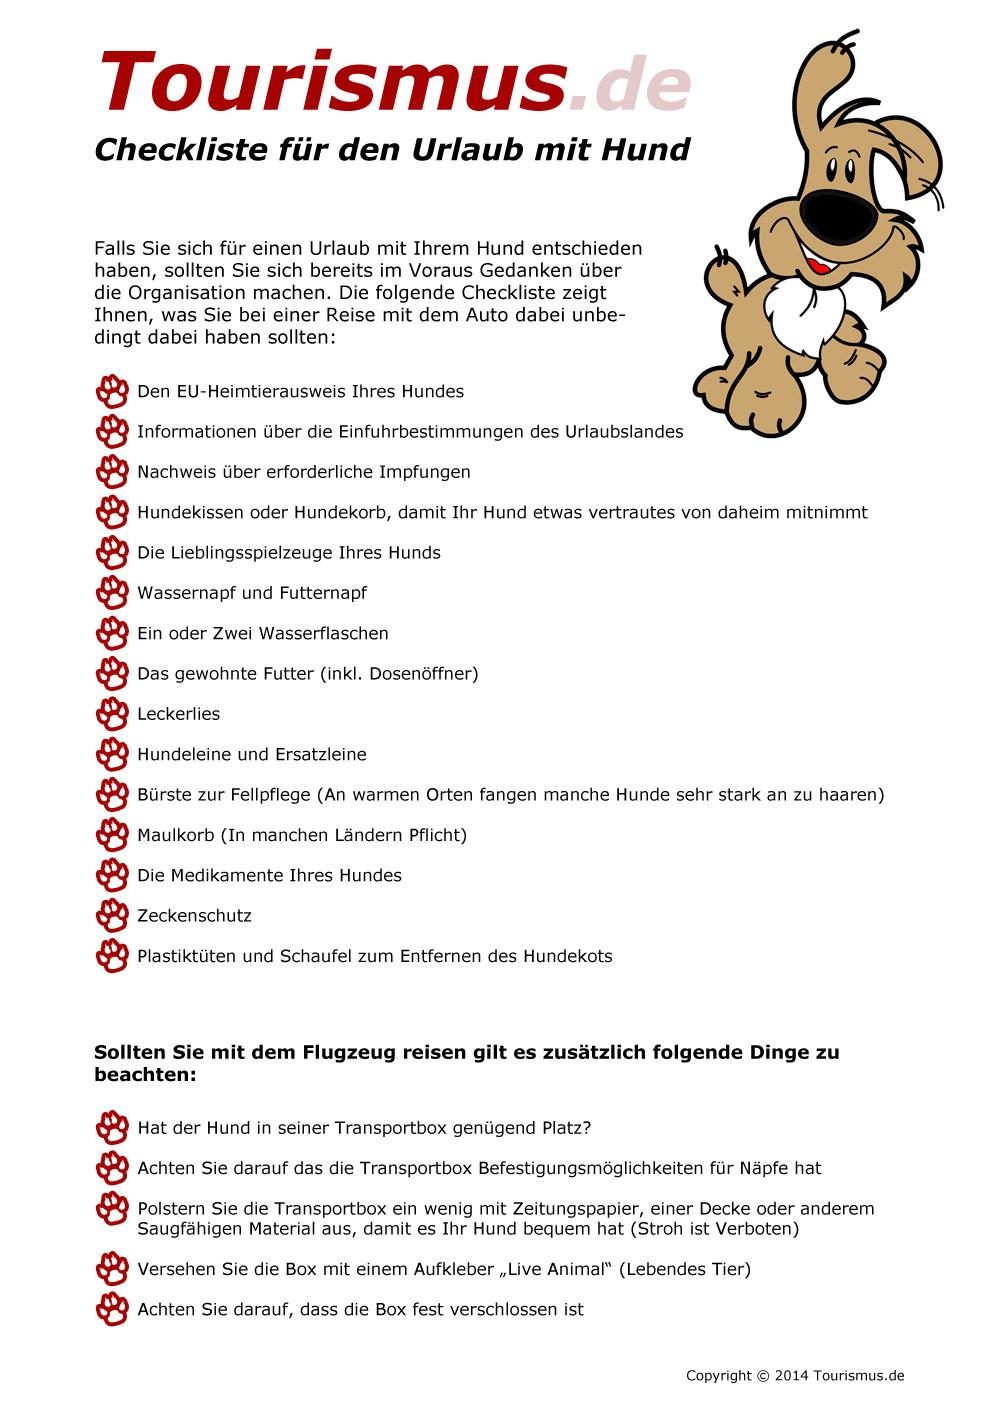 Urlaub mit Hund – Unsere Tipps zu Reisen mit Vierbeinern | Tourismus.de